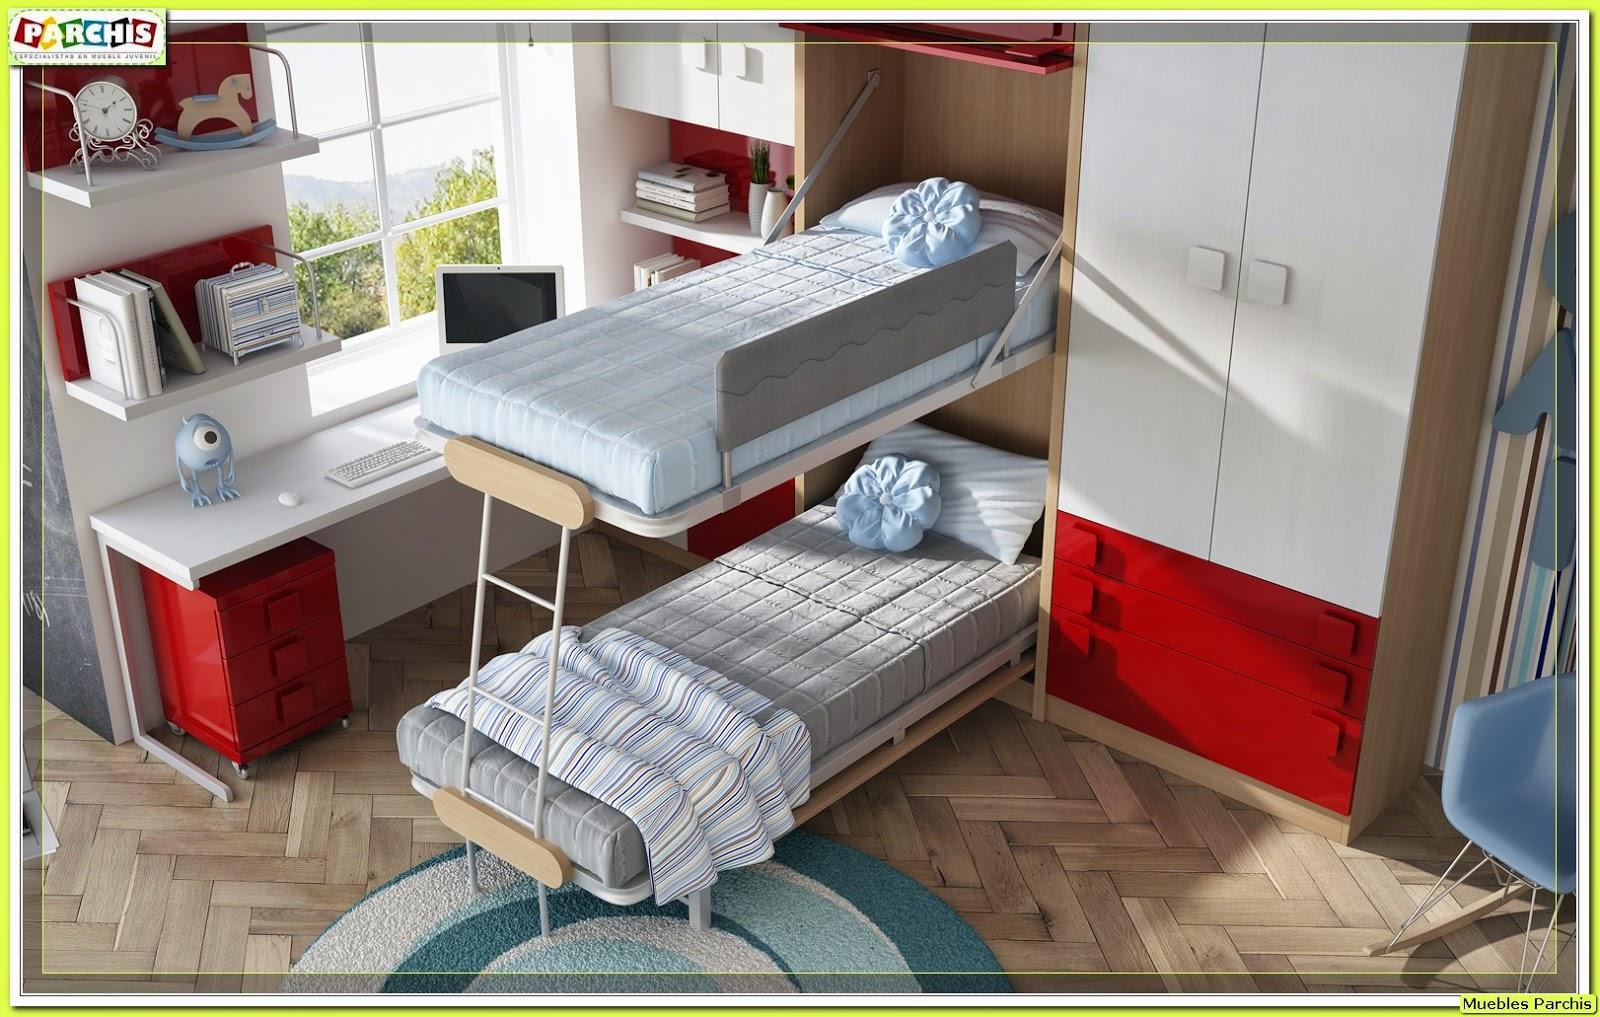 fotos de muebles de dormitorios infantiles - Dormitorios juveniles e infantiles Fotos en melamina